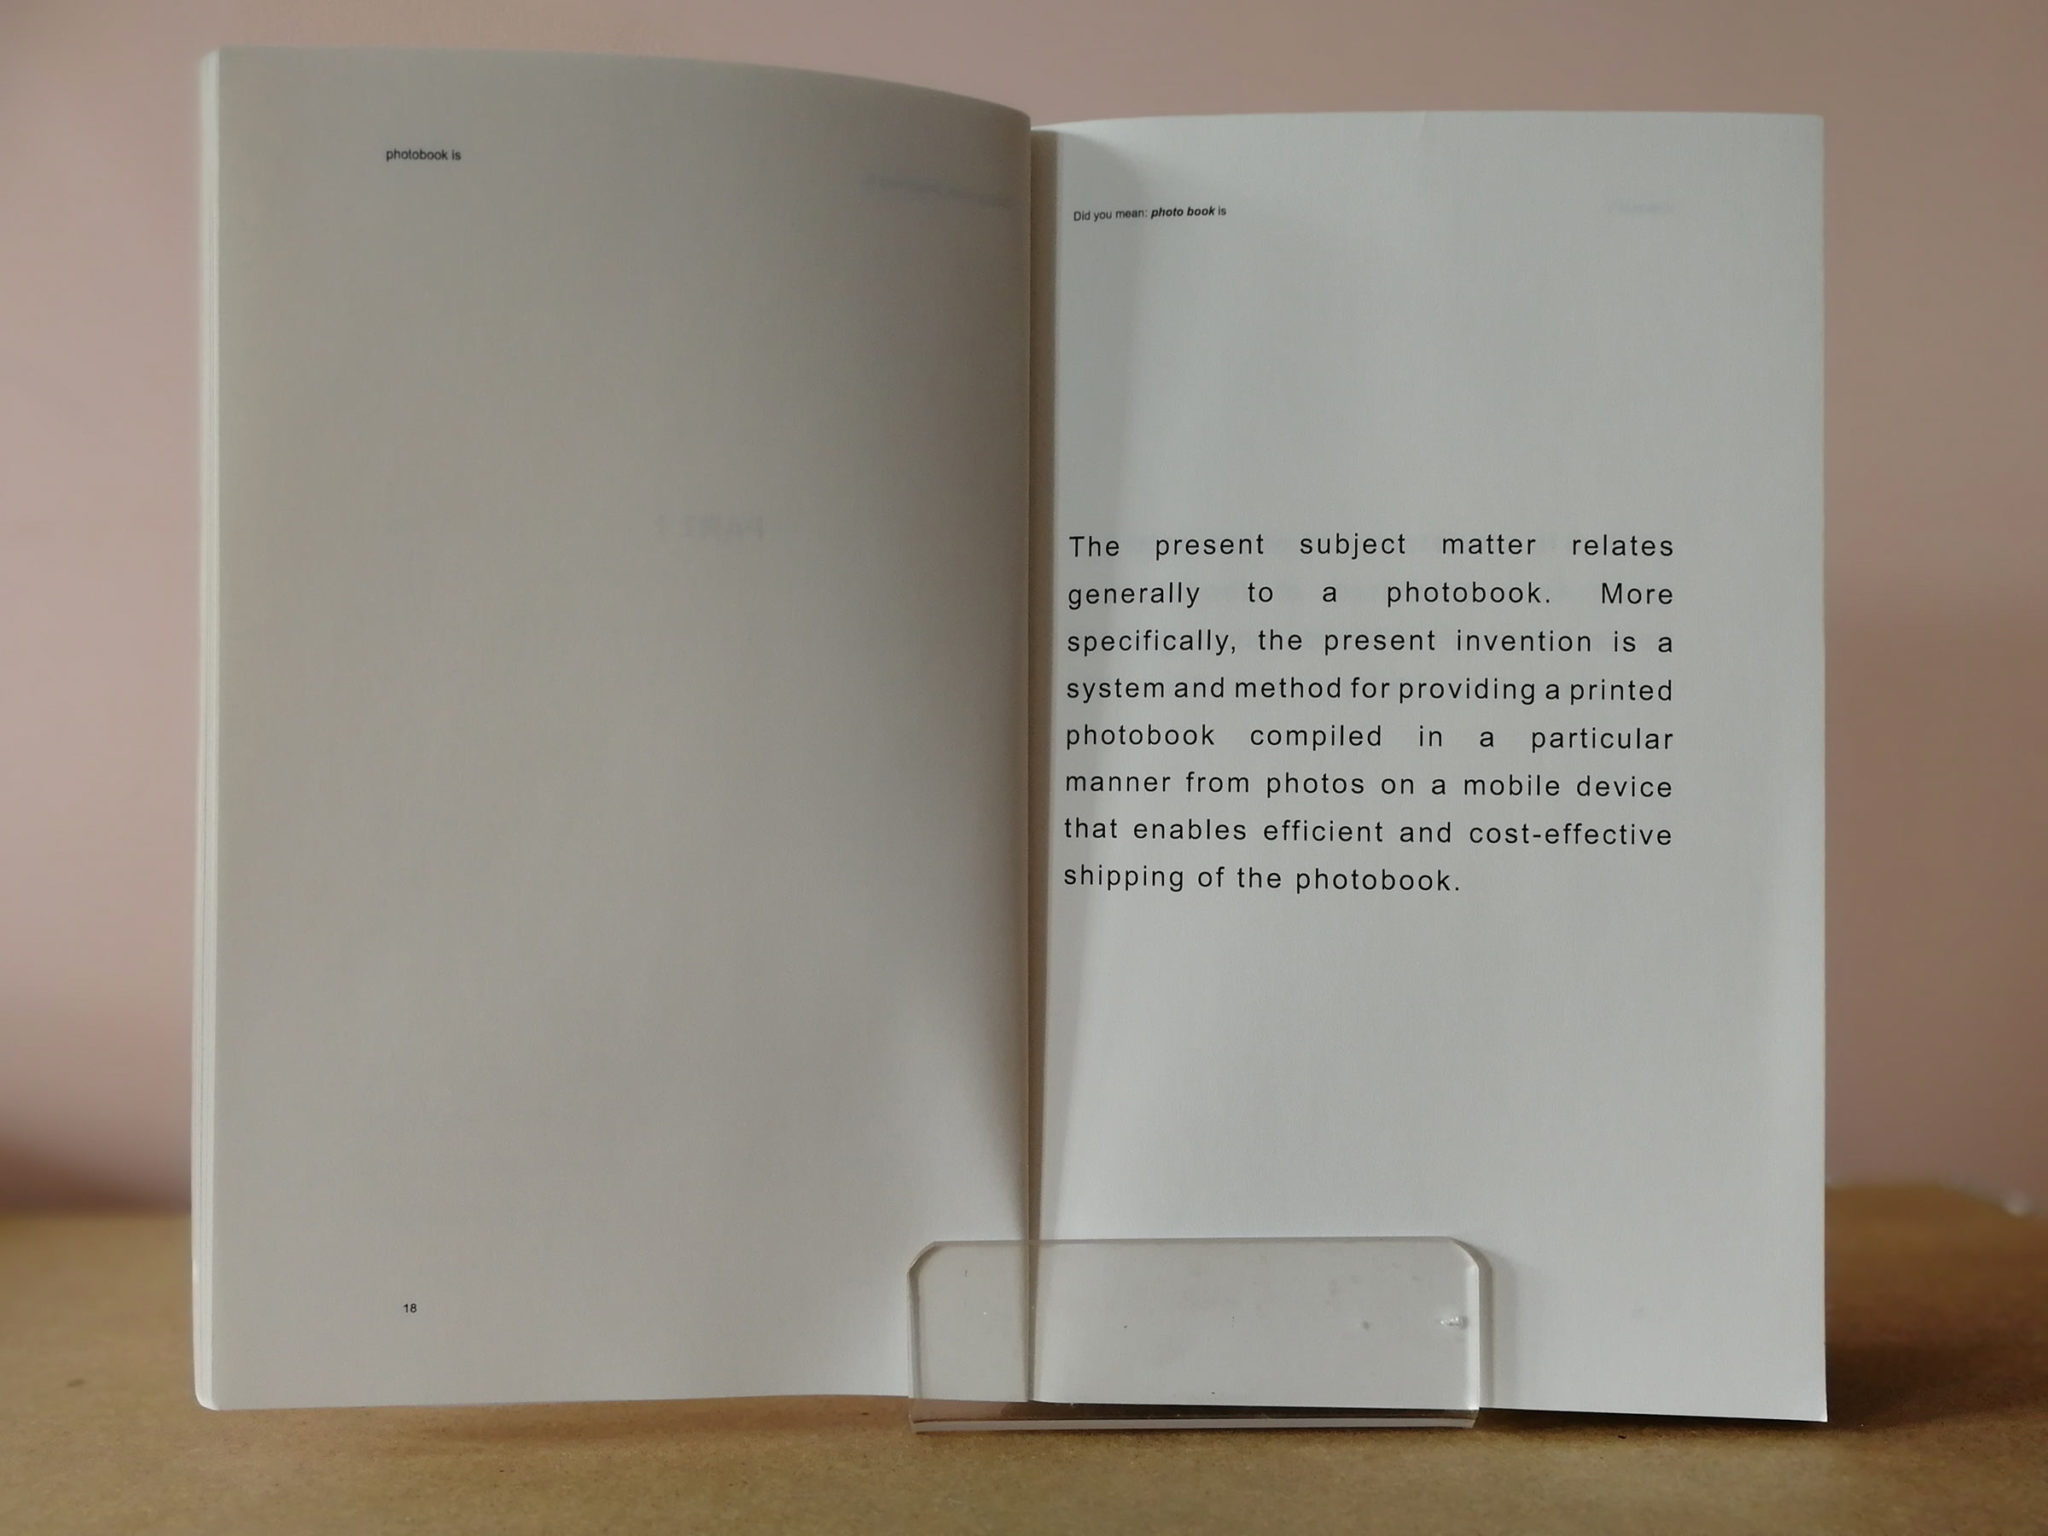 msdm-photobook-is-03